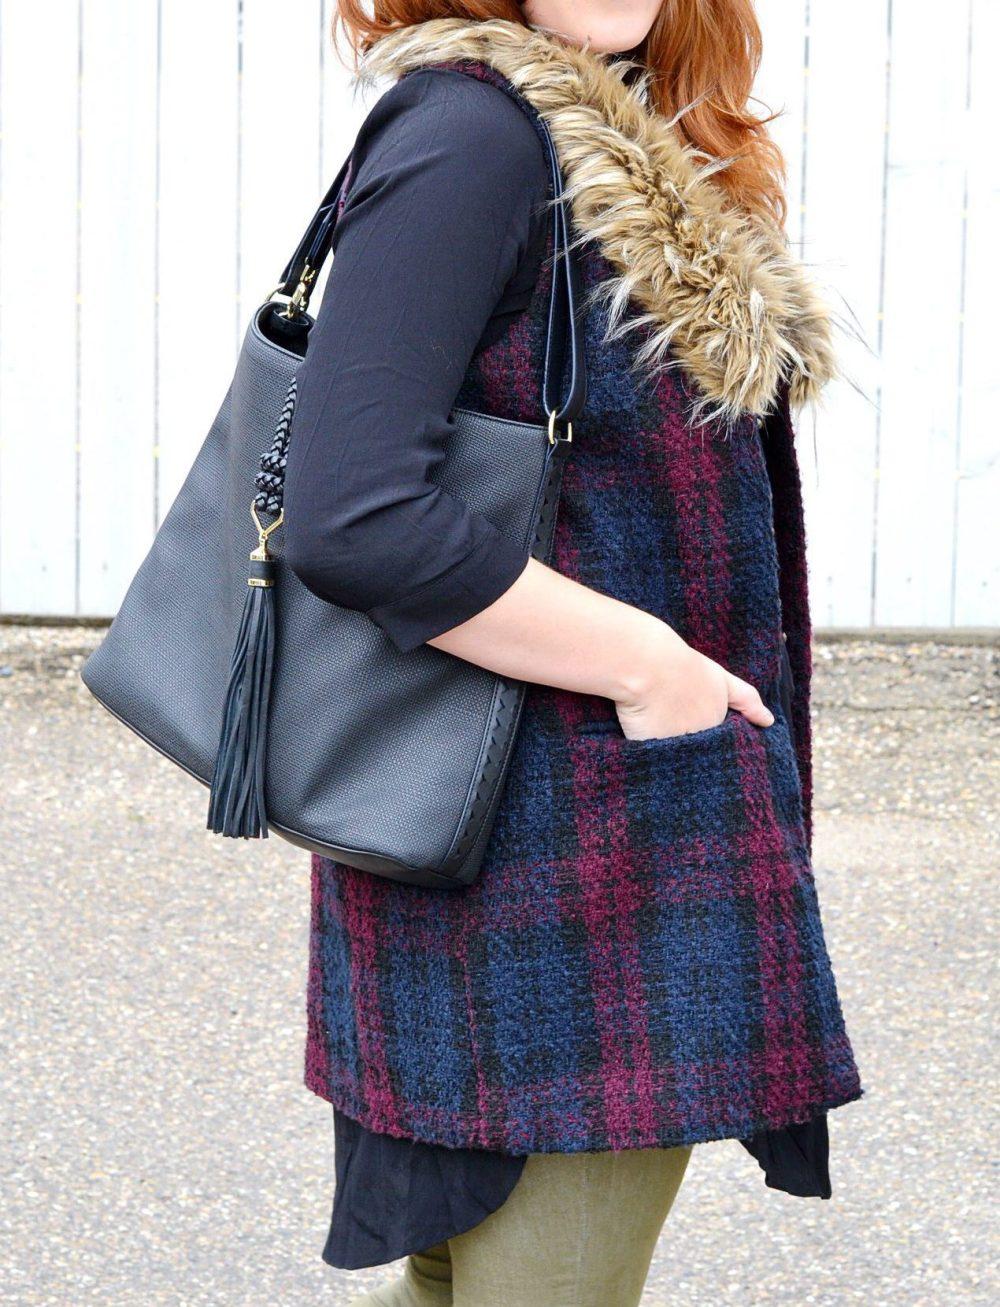 Edmonton Fashion Blogger wearing Faux fur vests